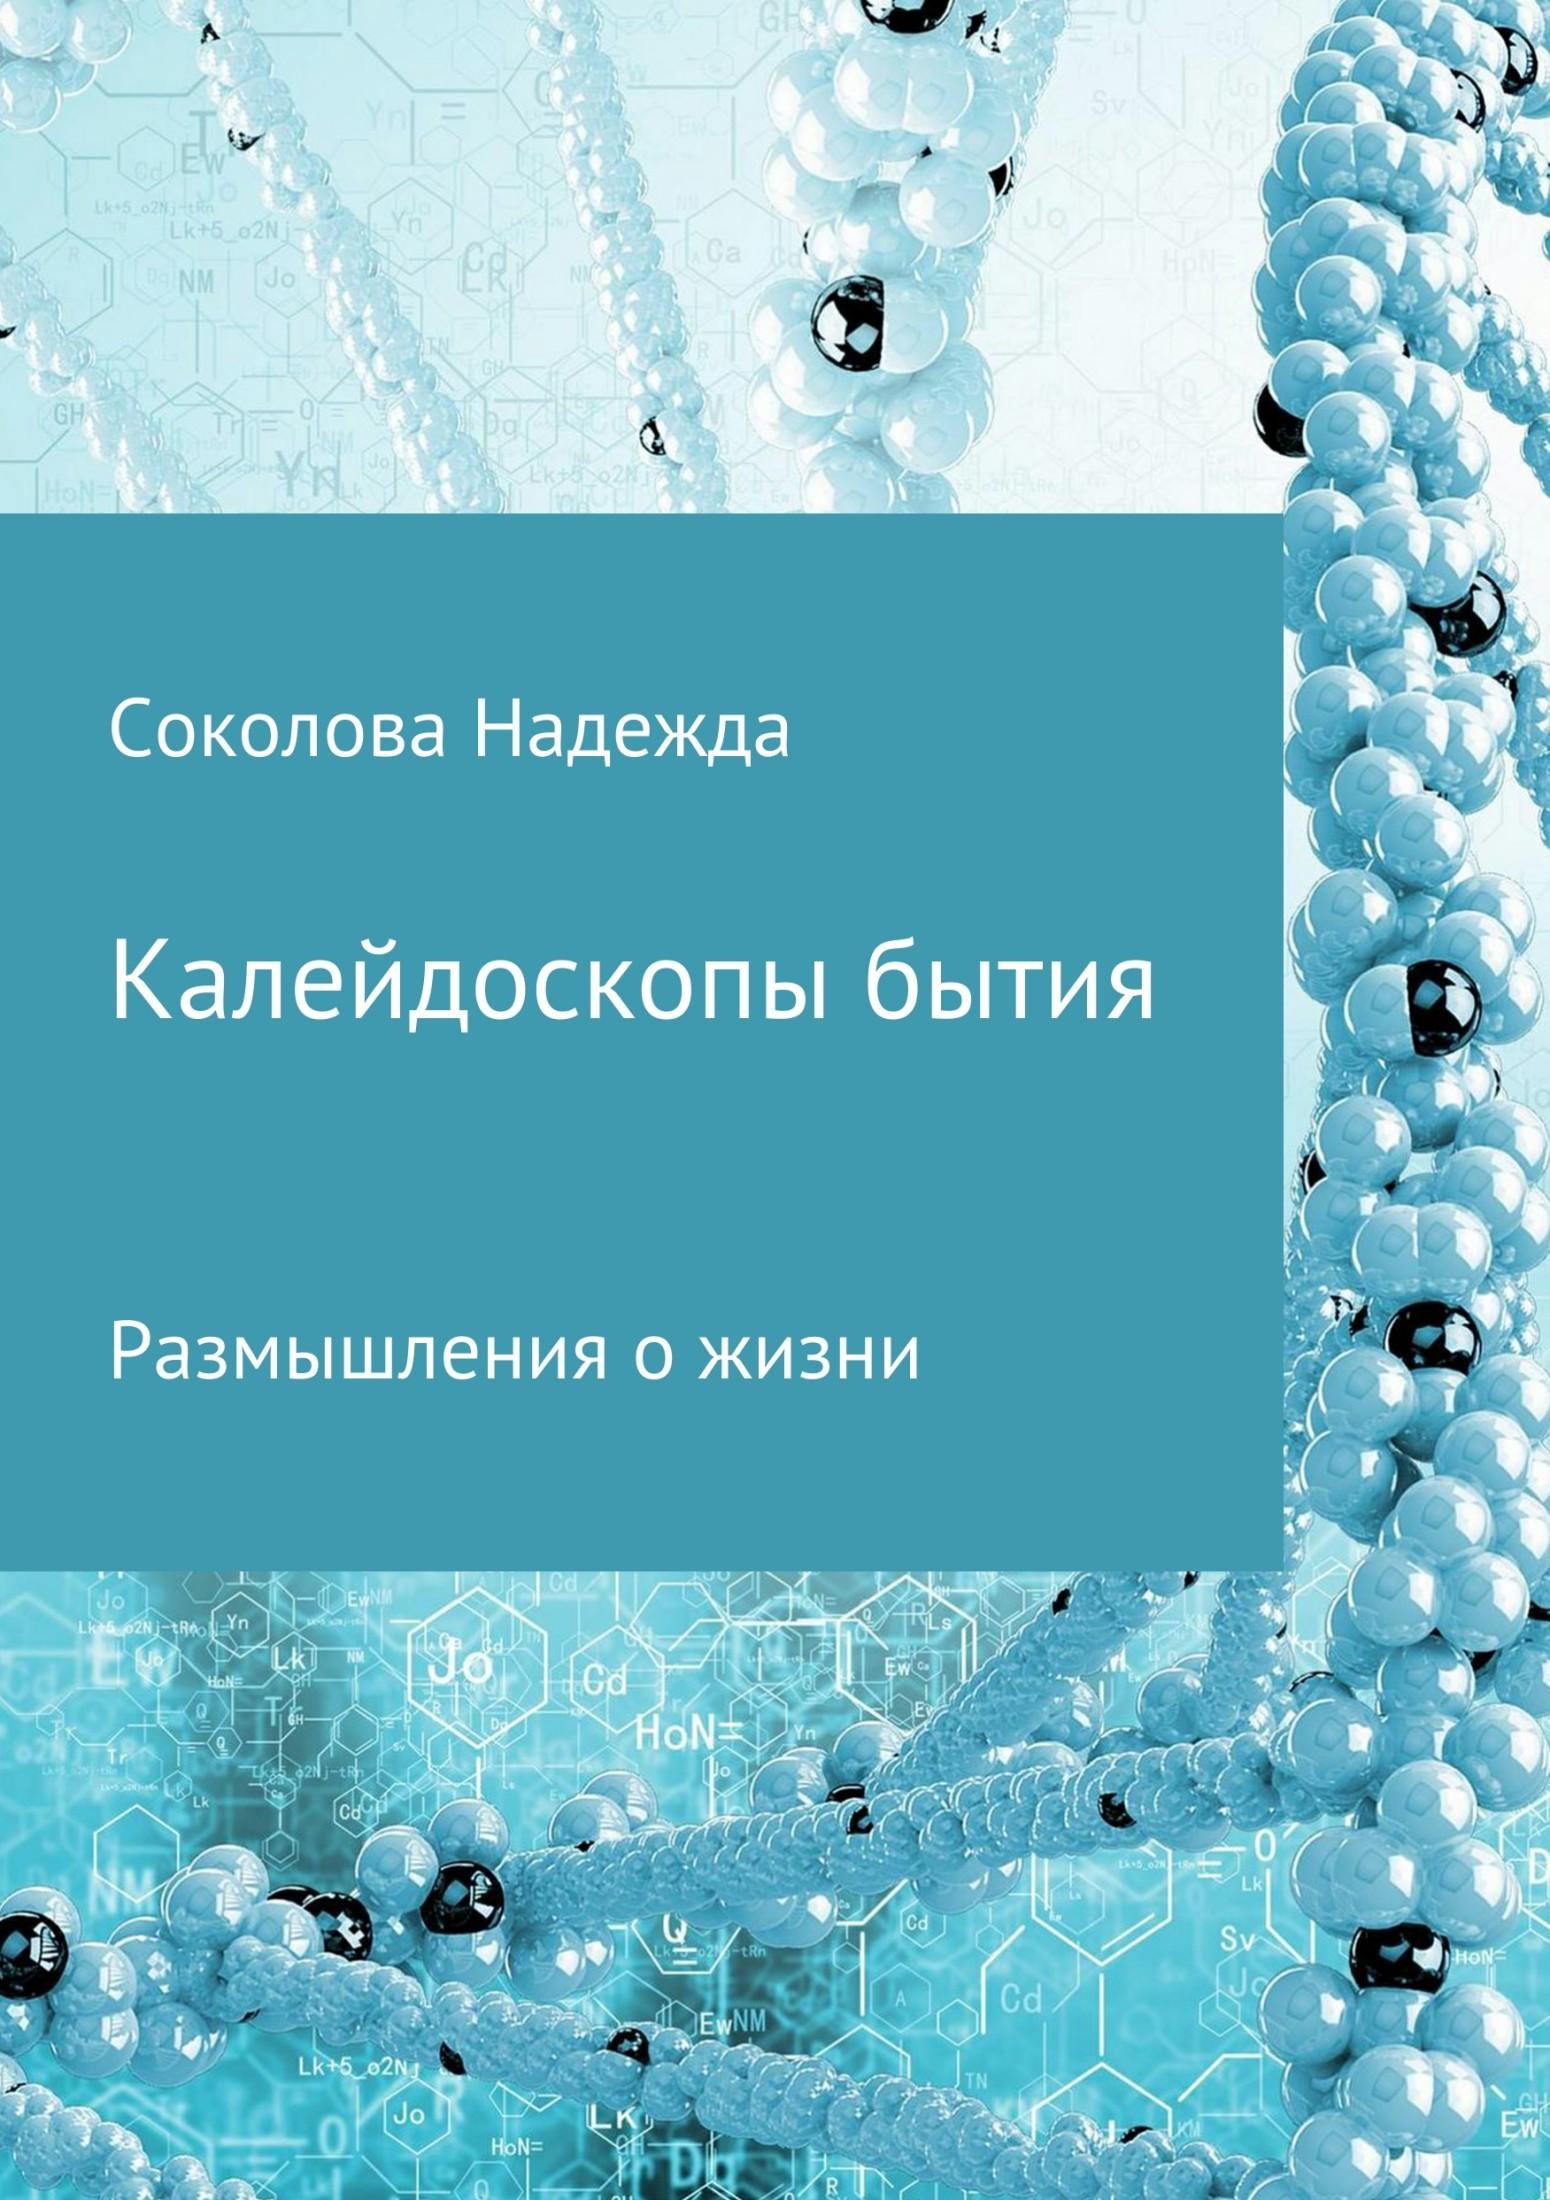 Надежда Соколова - Калейдоскопы бытия. Сборник